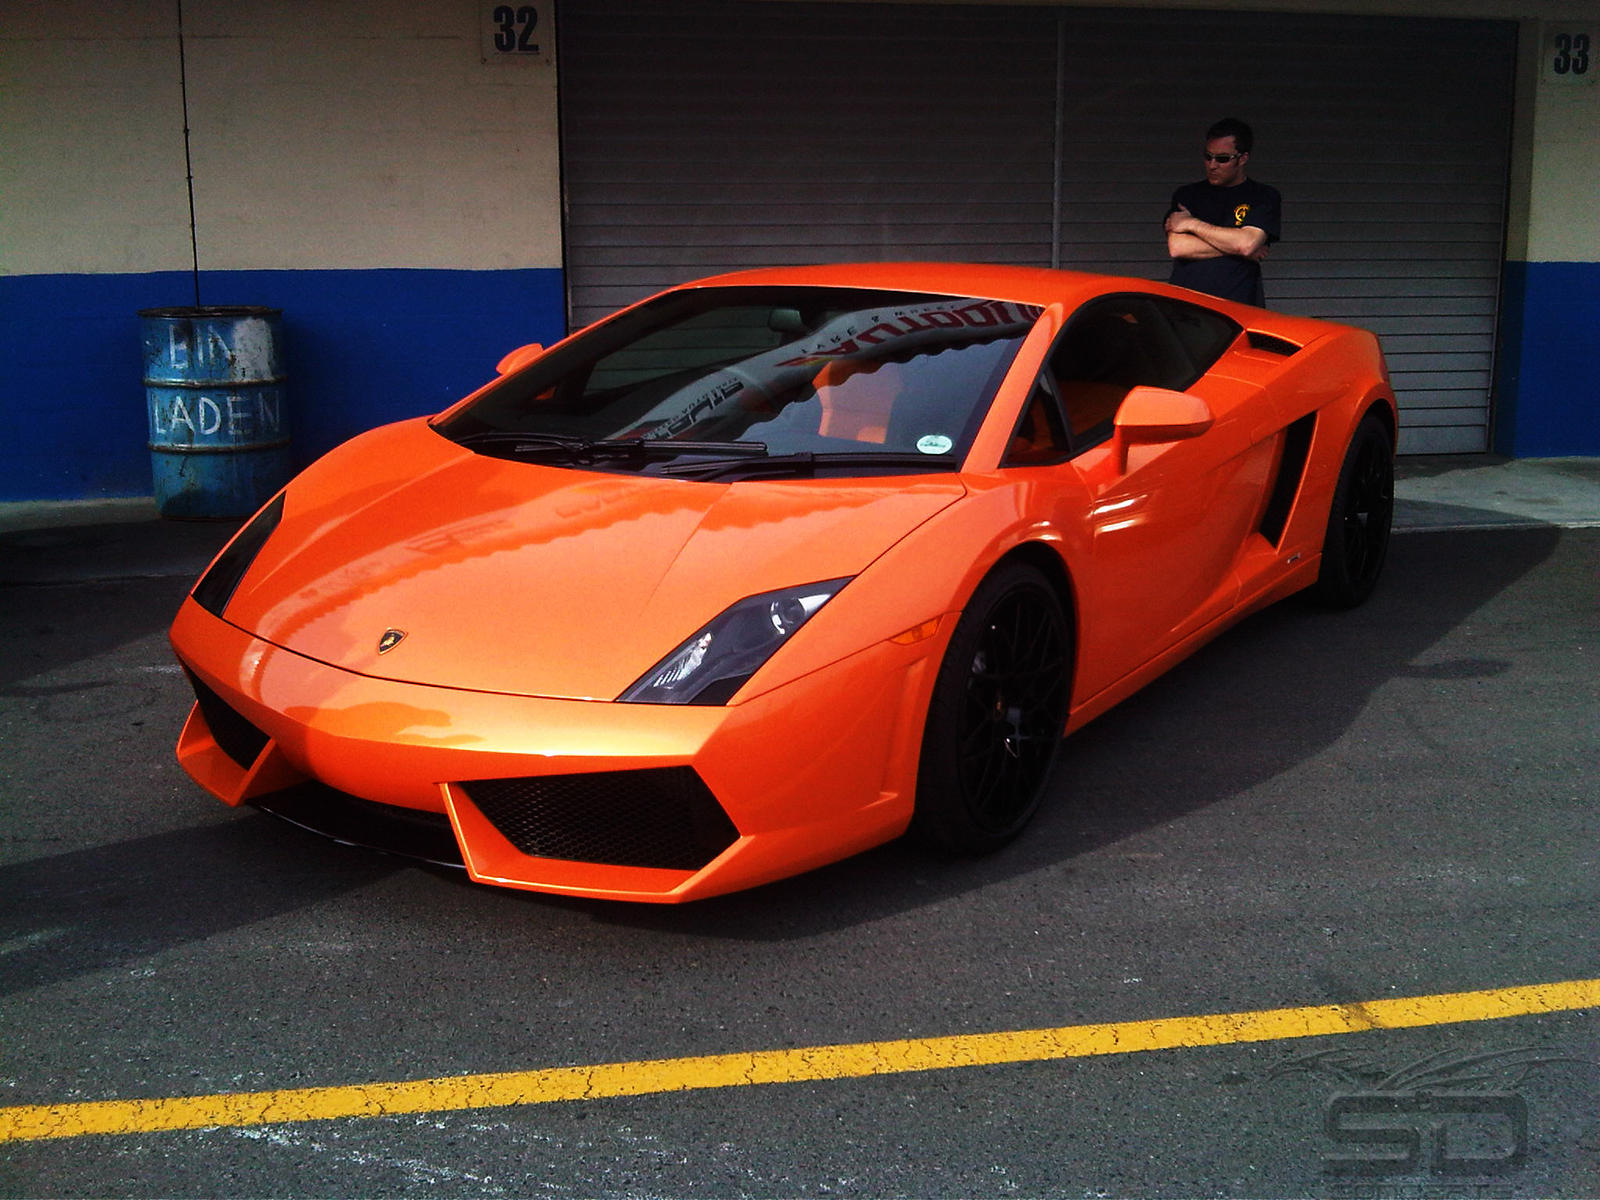 Image Result For Wallpaper Pictures Of A Lamborghini Gallardo